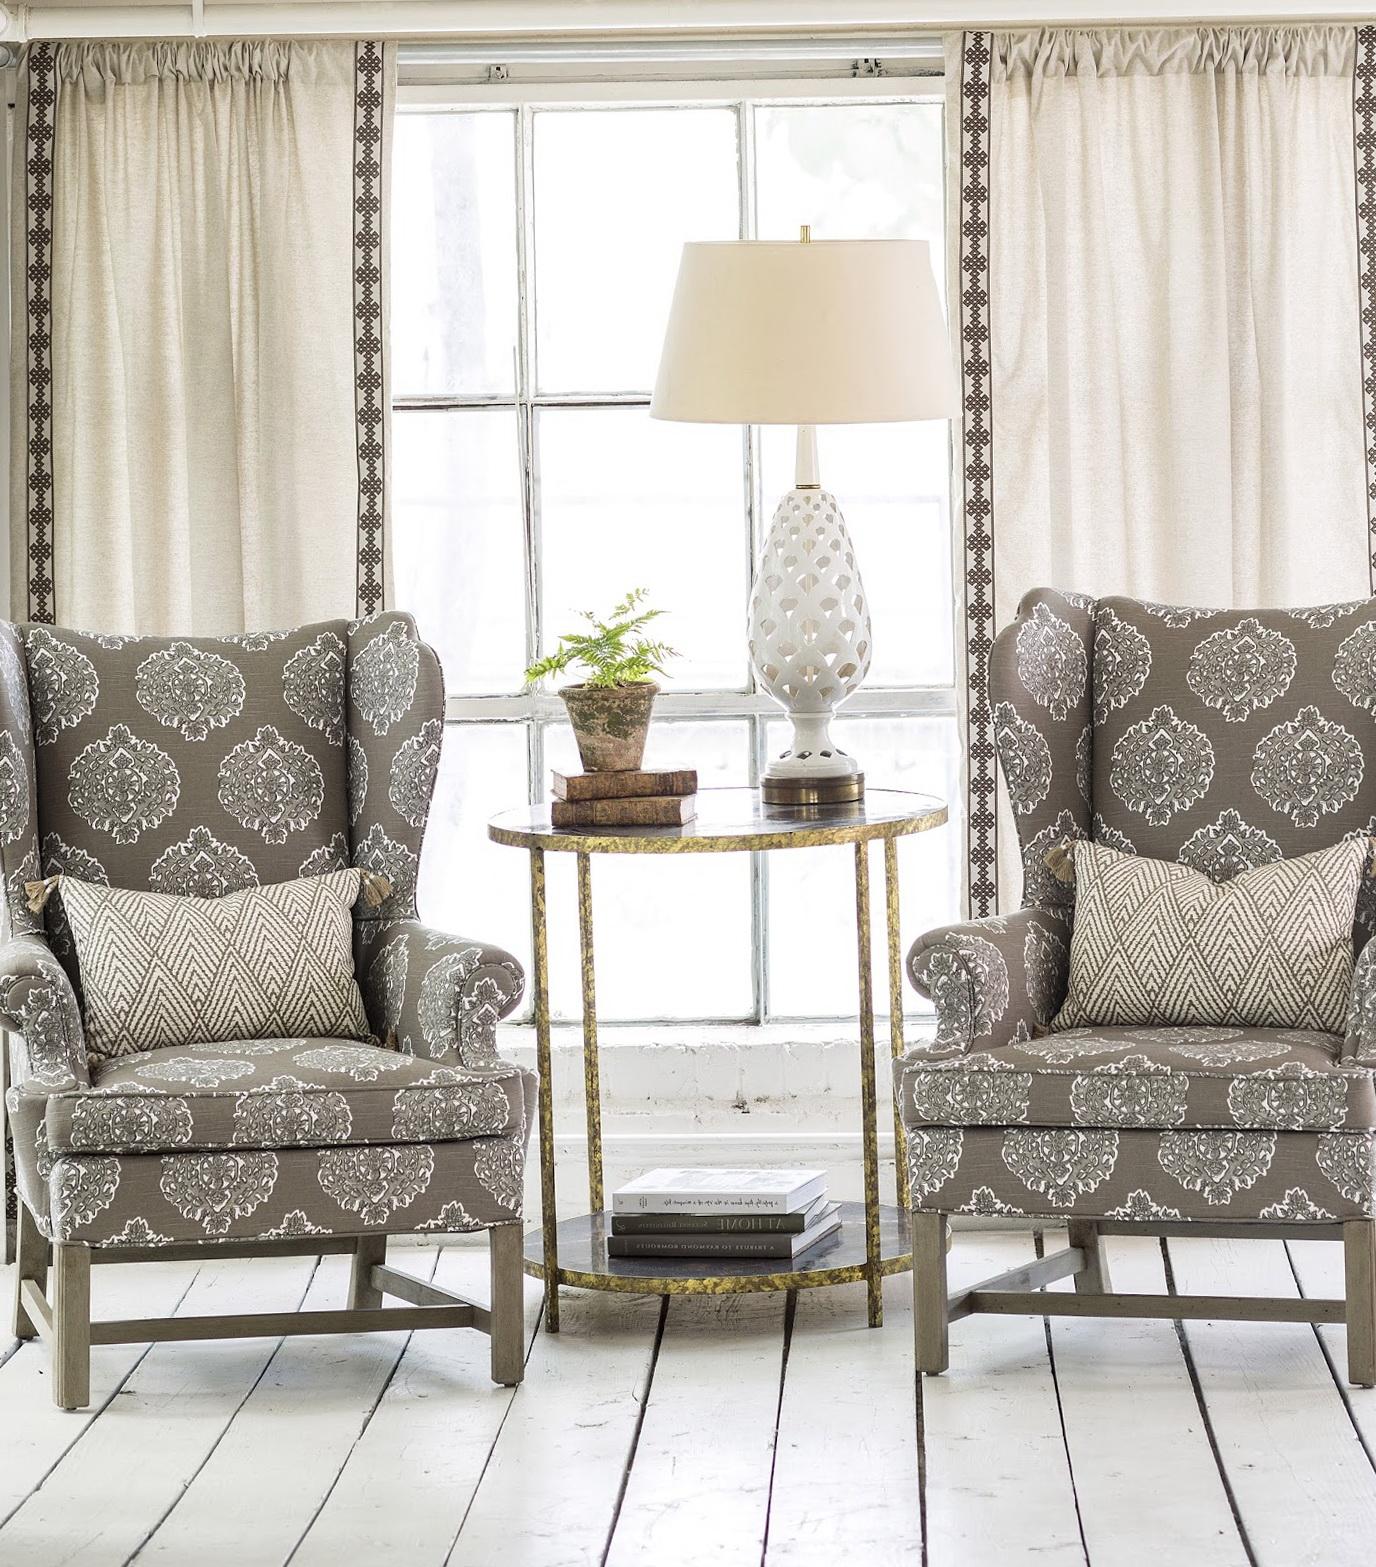 Flame Retardant Curtains Ready Made Home Design Ideas